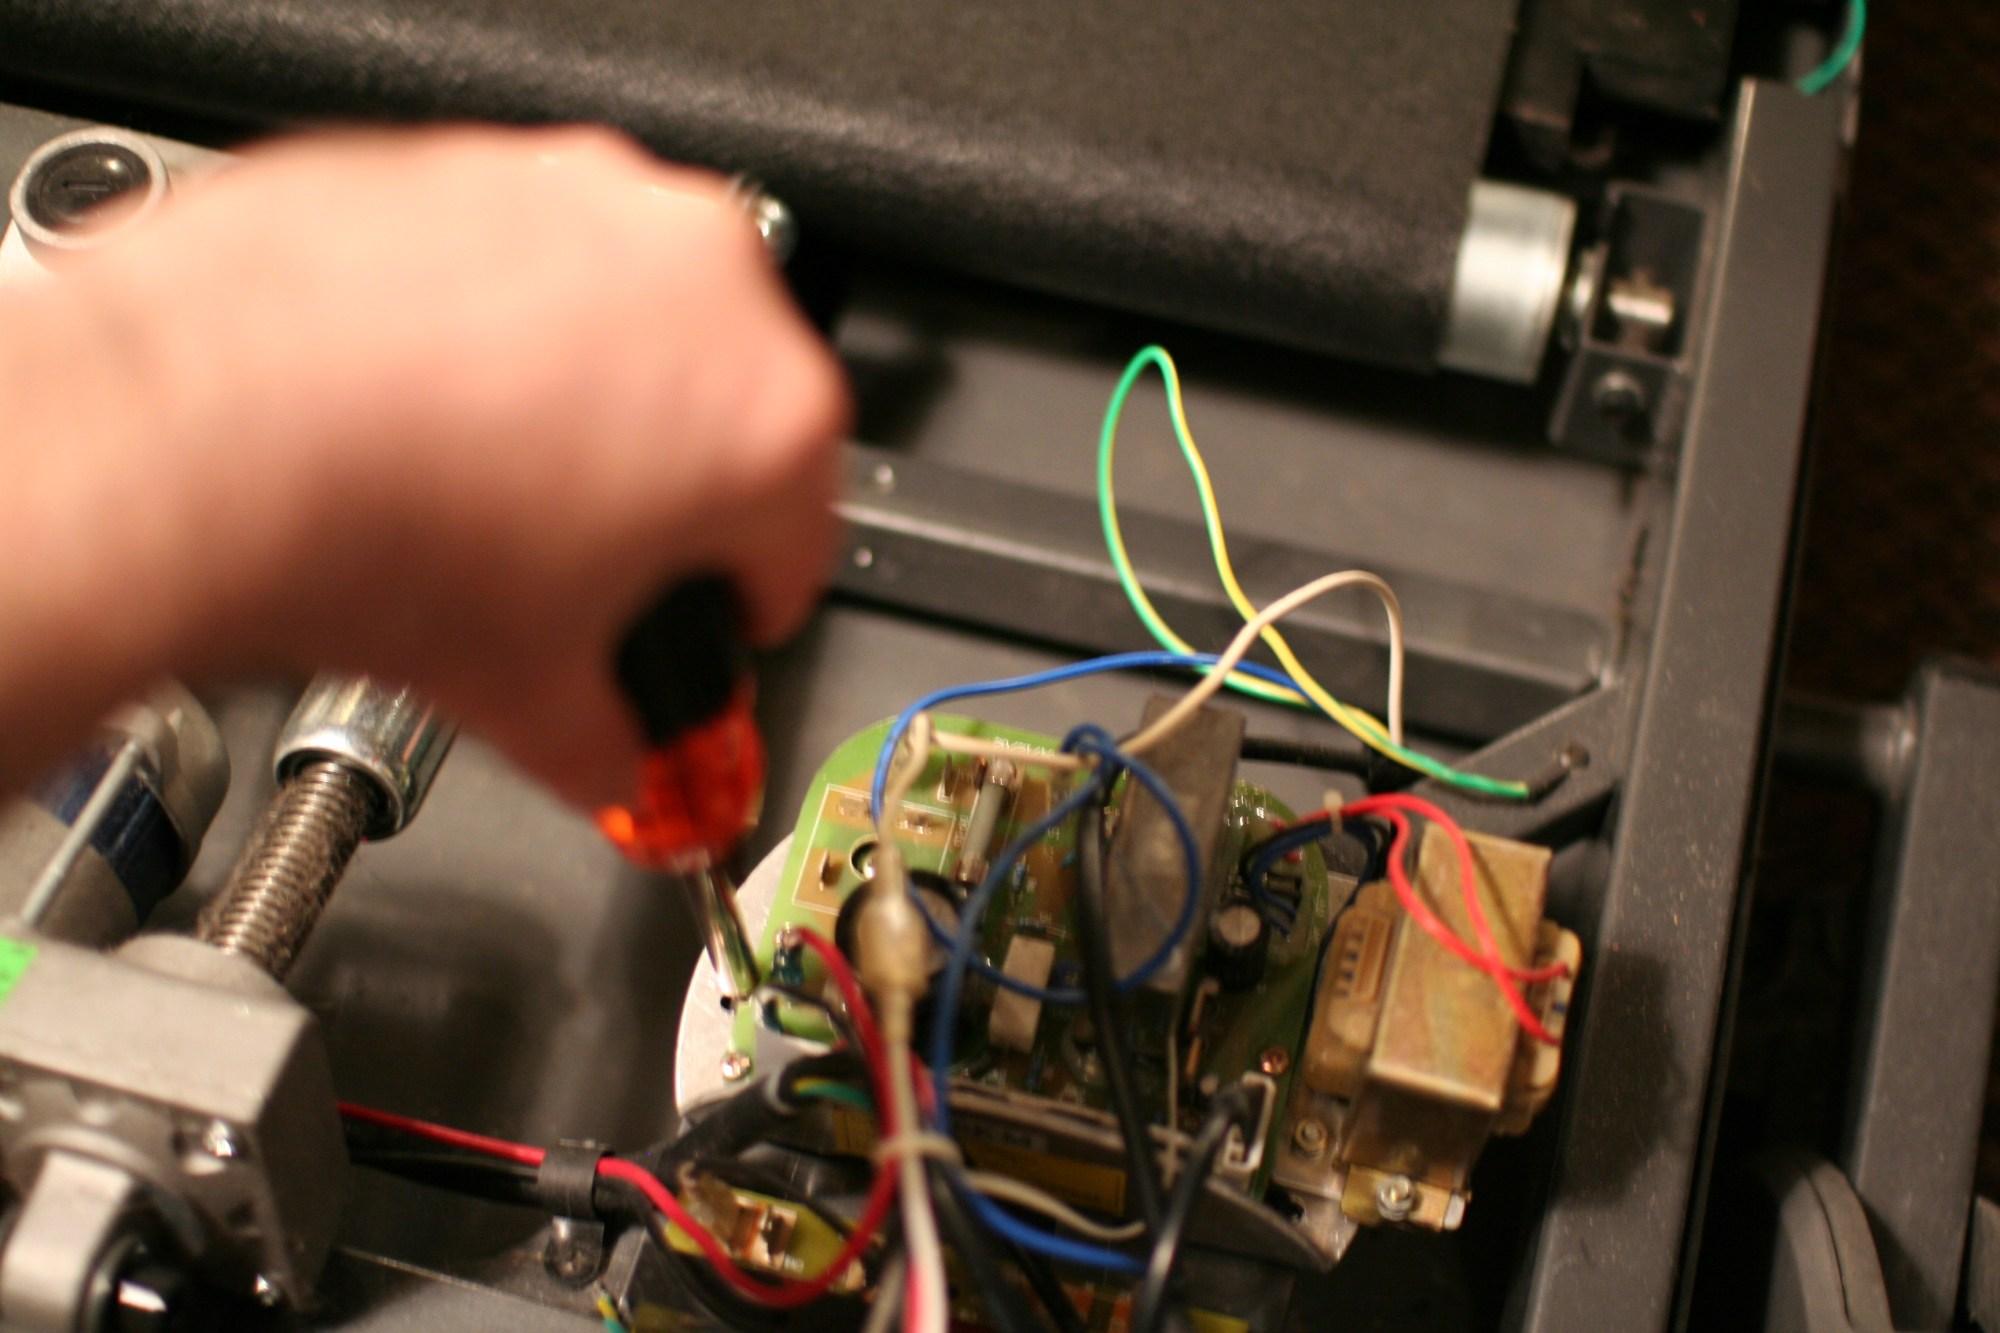 hight resolution of smoothfitness5 25 boardthreescrews gfesser